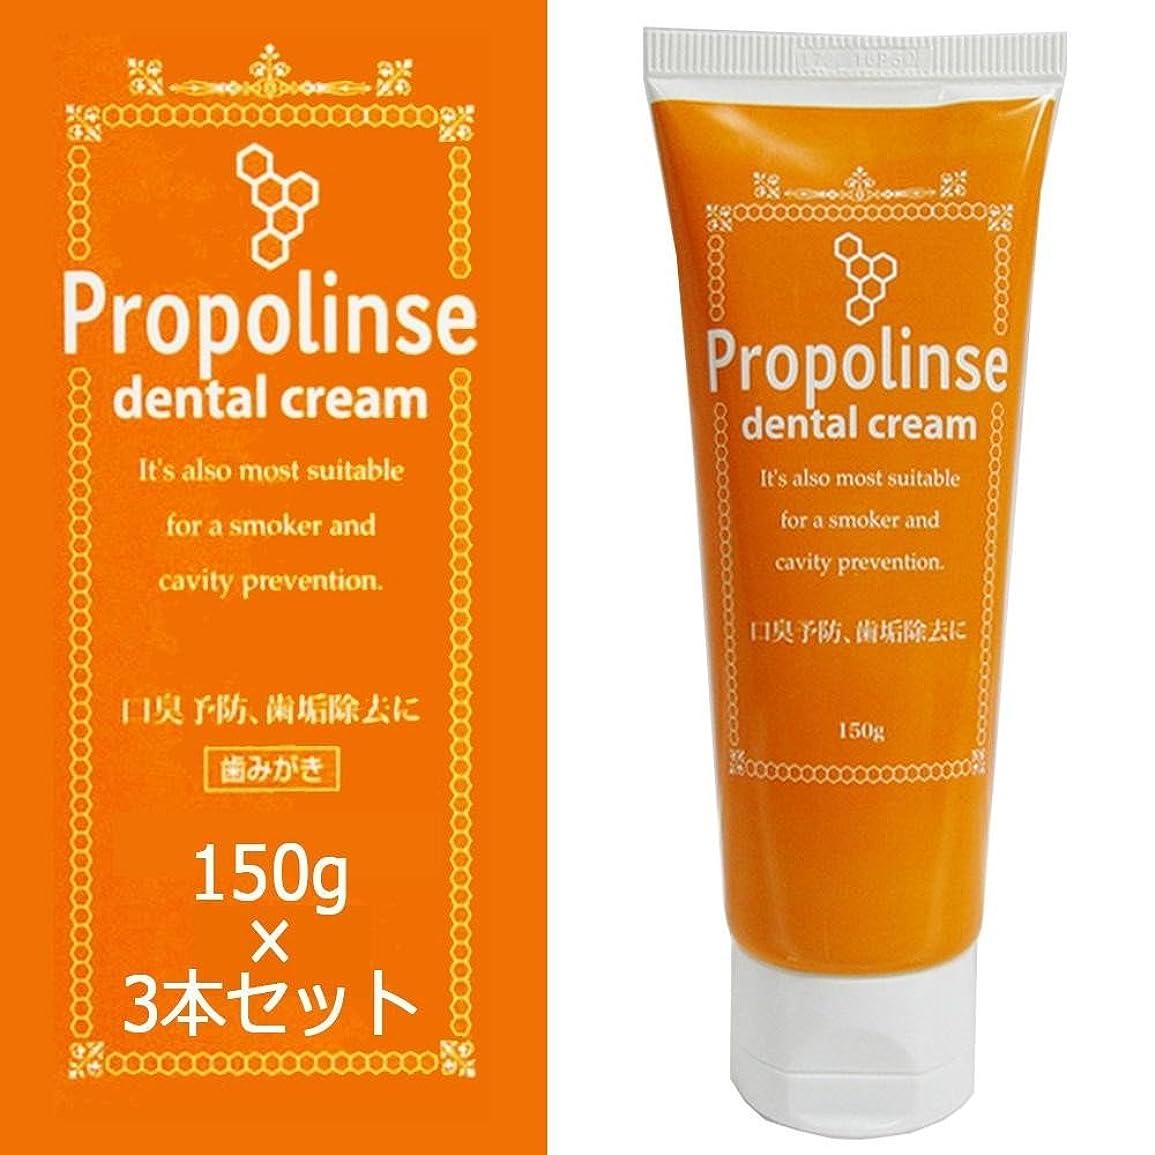 お香やろうアプトプロポリンス デンタルクリーム(歯みがき) 150g×3個セット